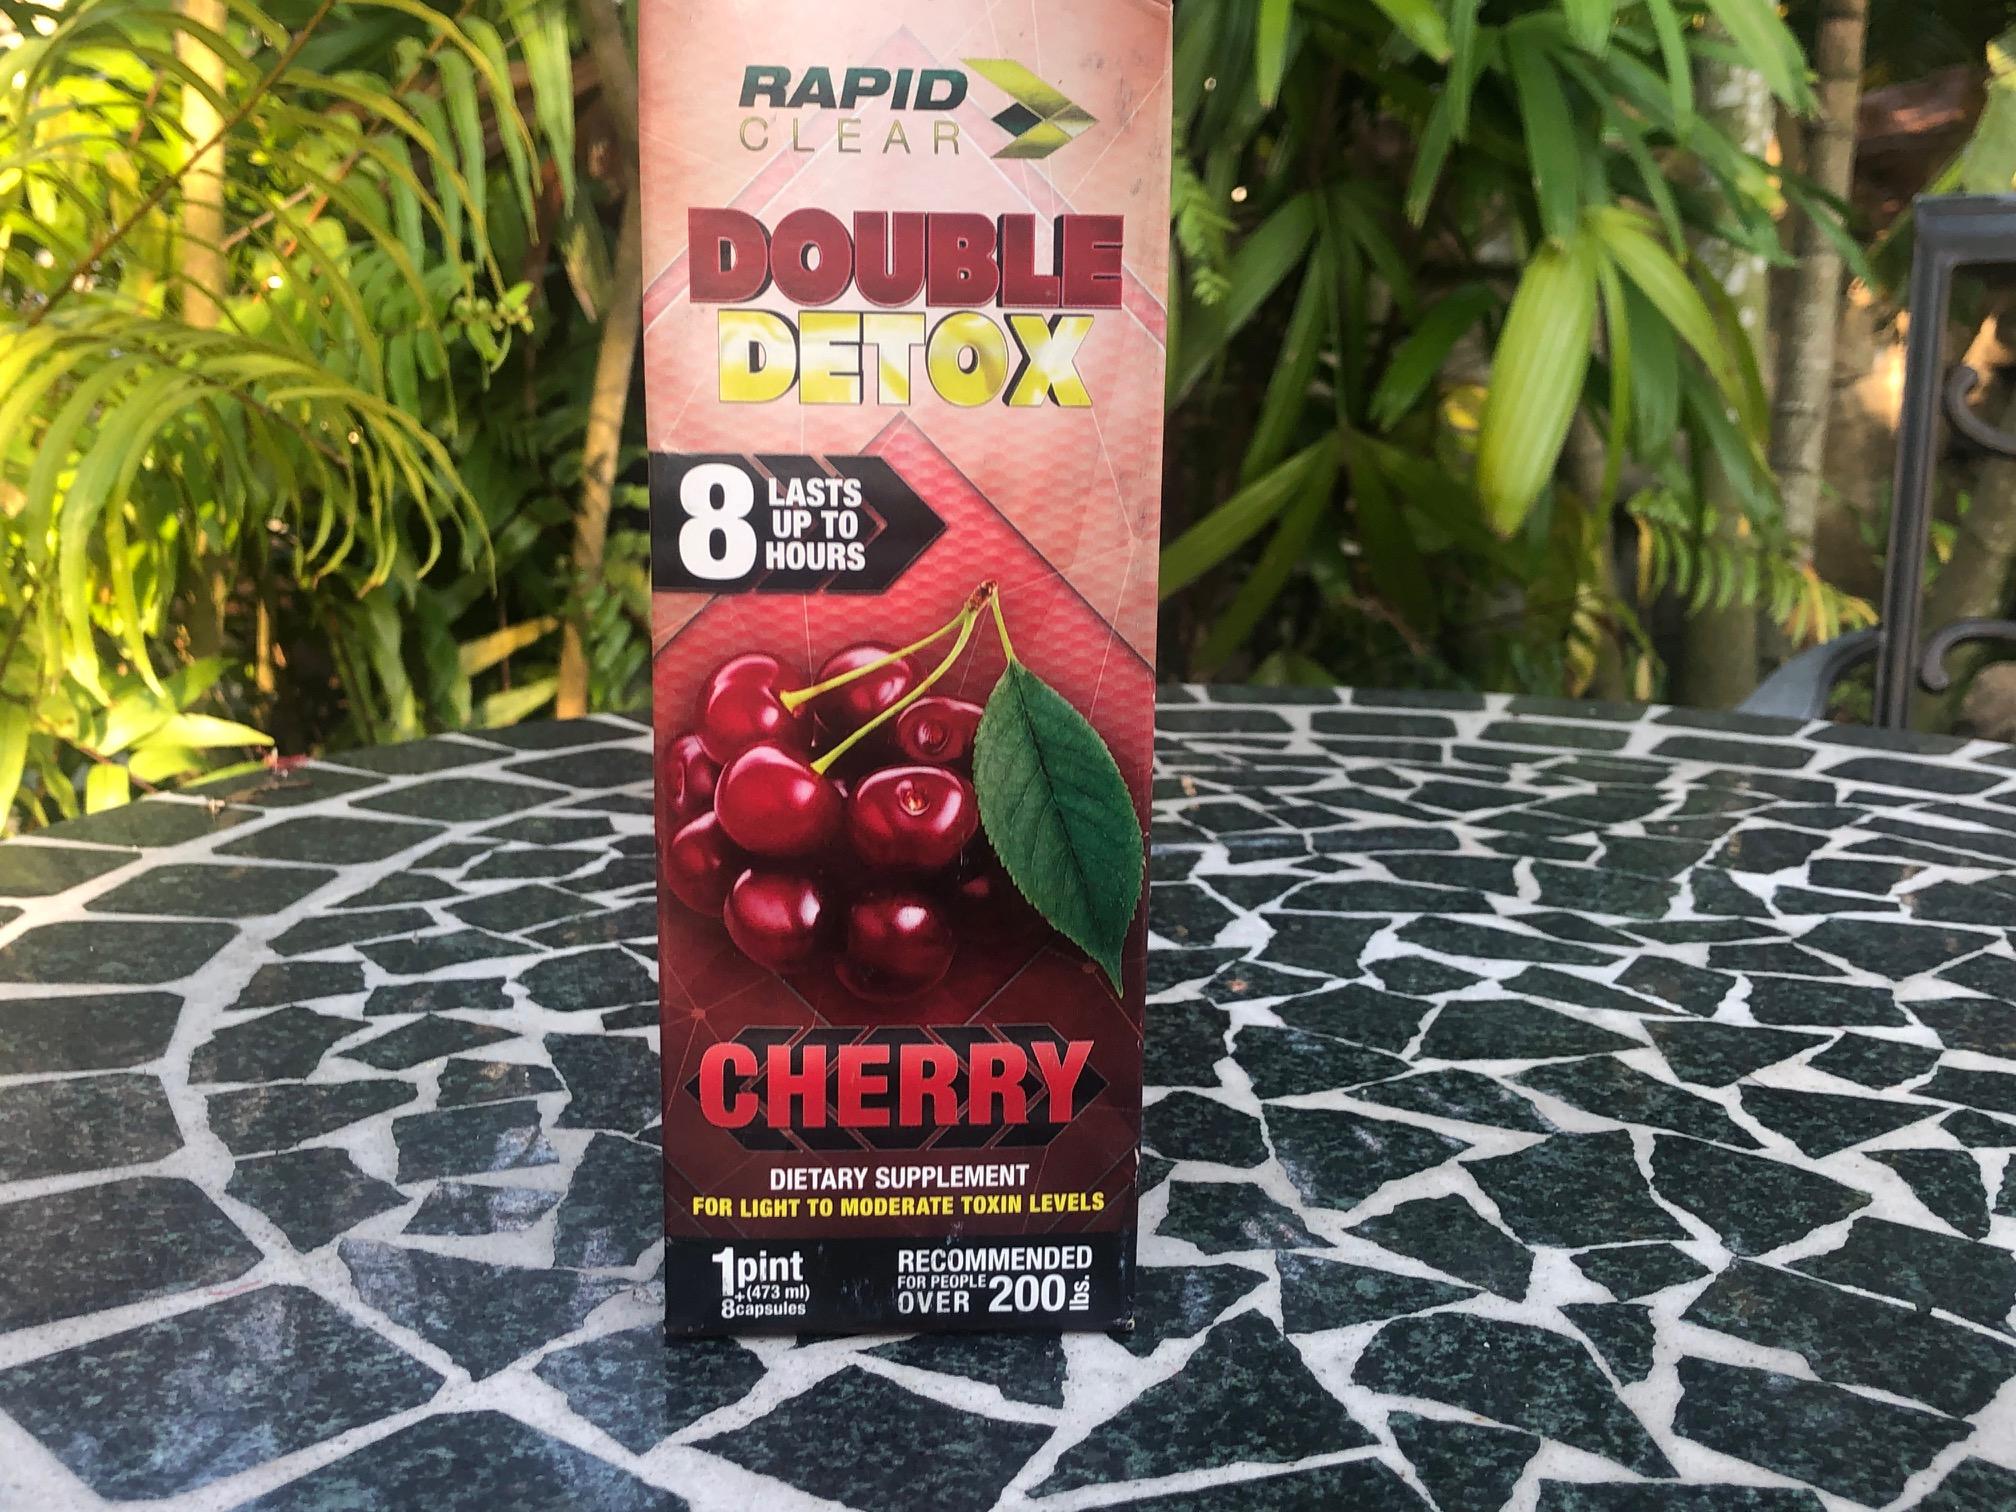 cherry detox